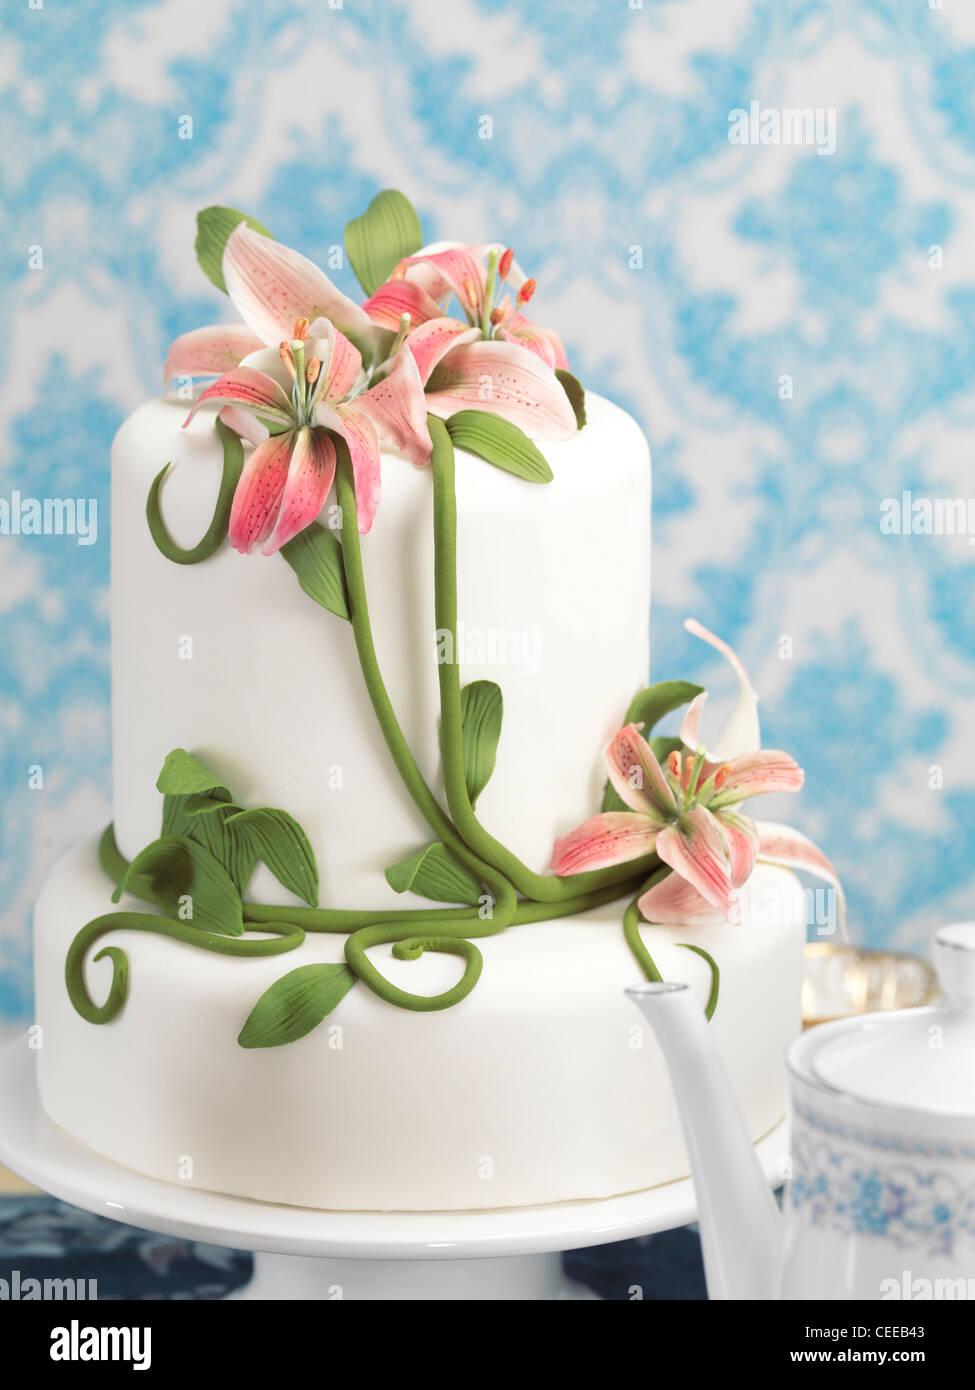 Torte Mit Lilien Auf Einem Tisch Dekoriert Stockfoto Bild 43341987